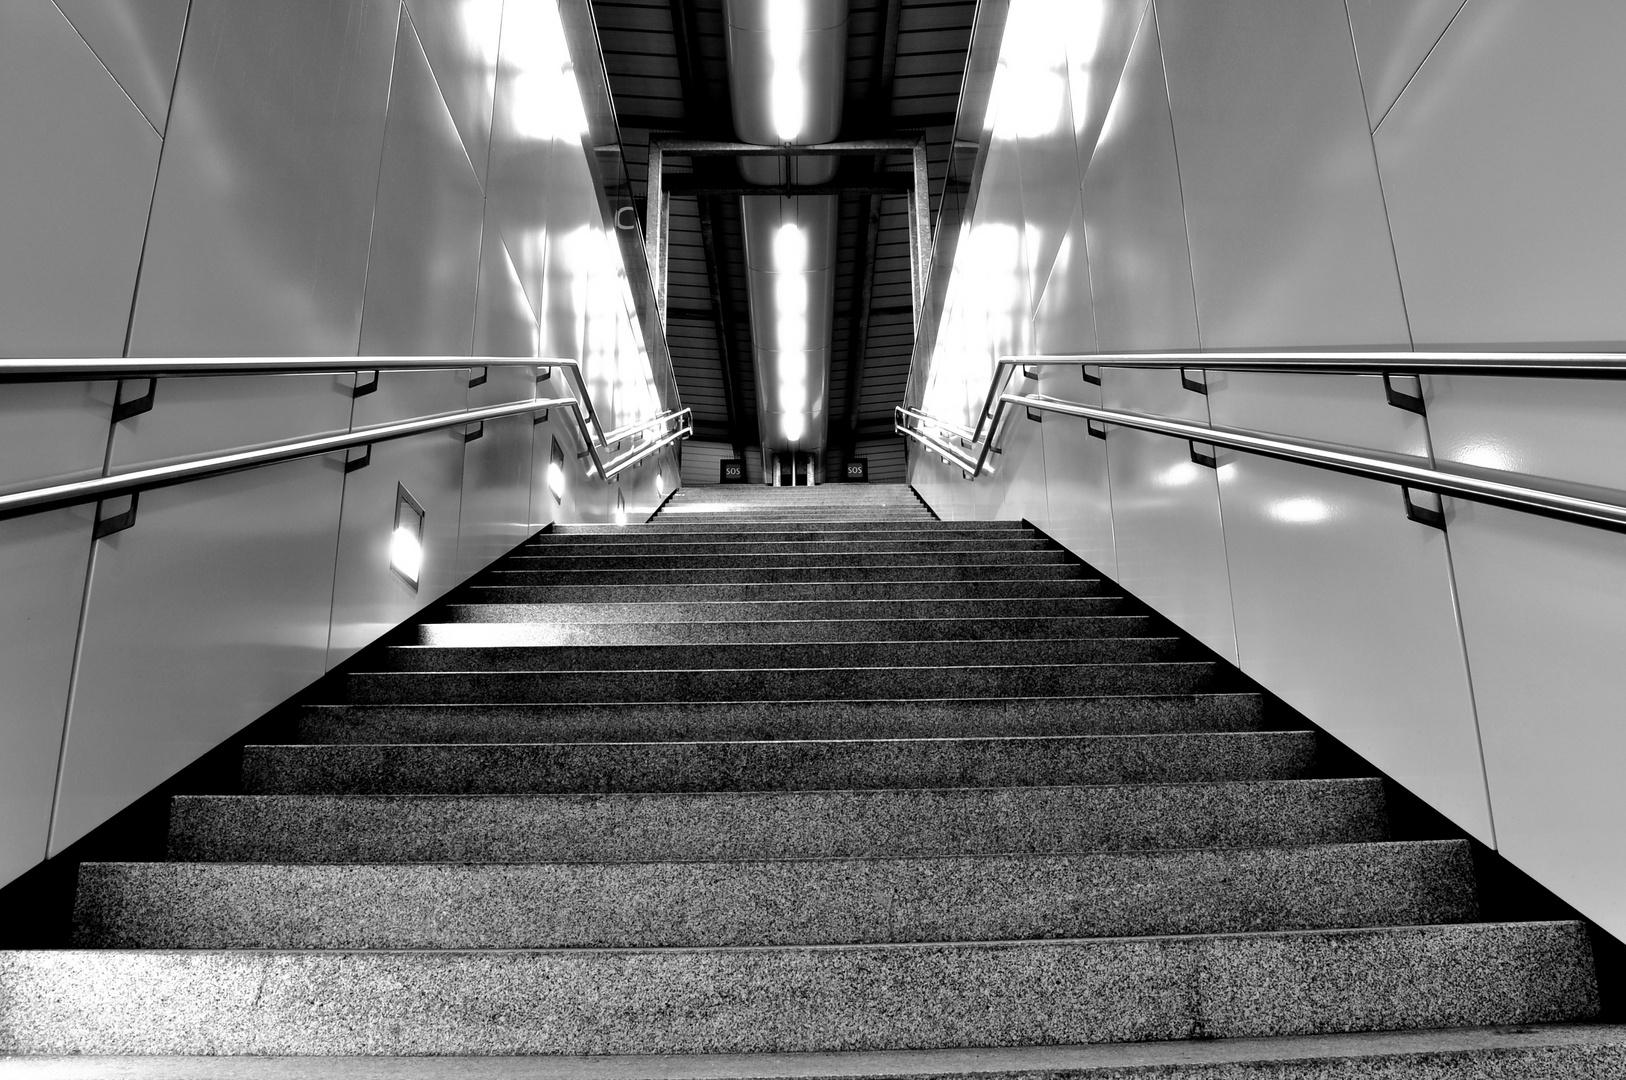 Stiegen zum Bahnsteig